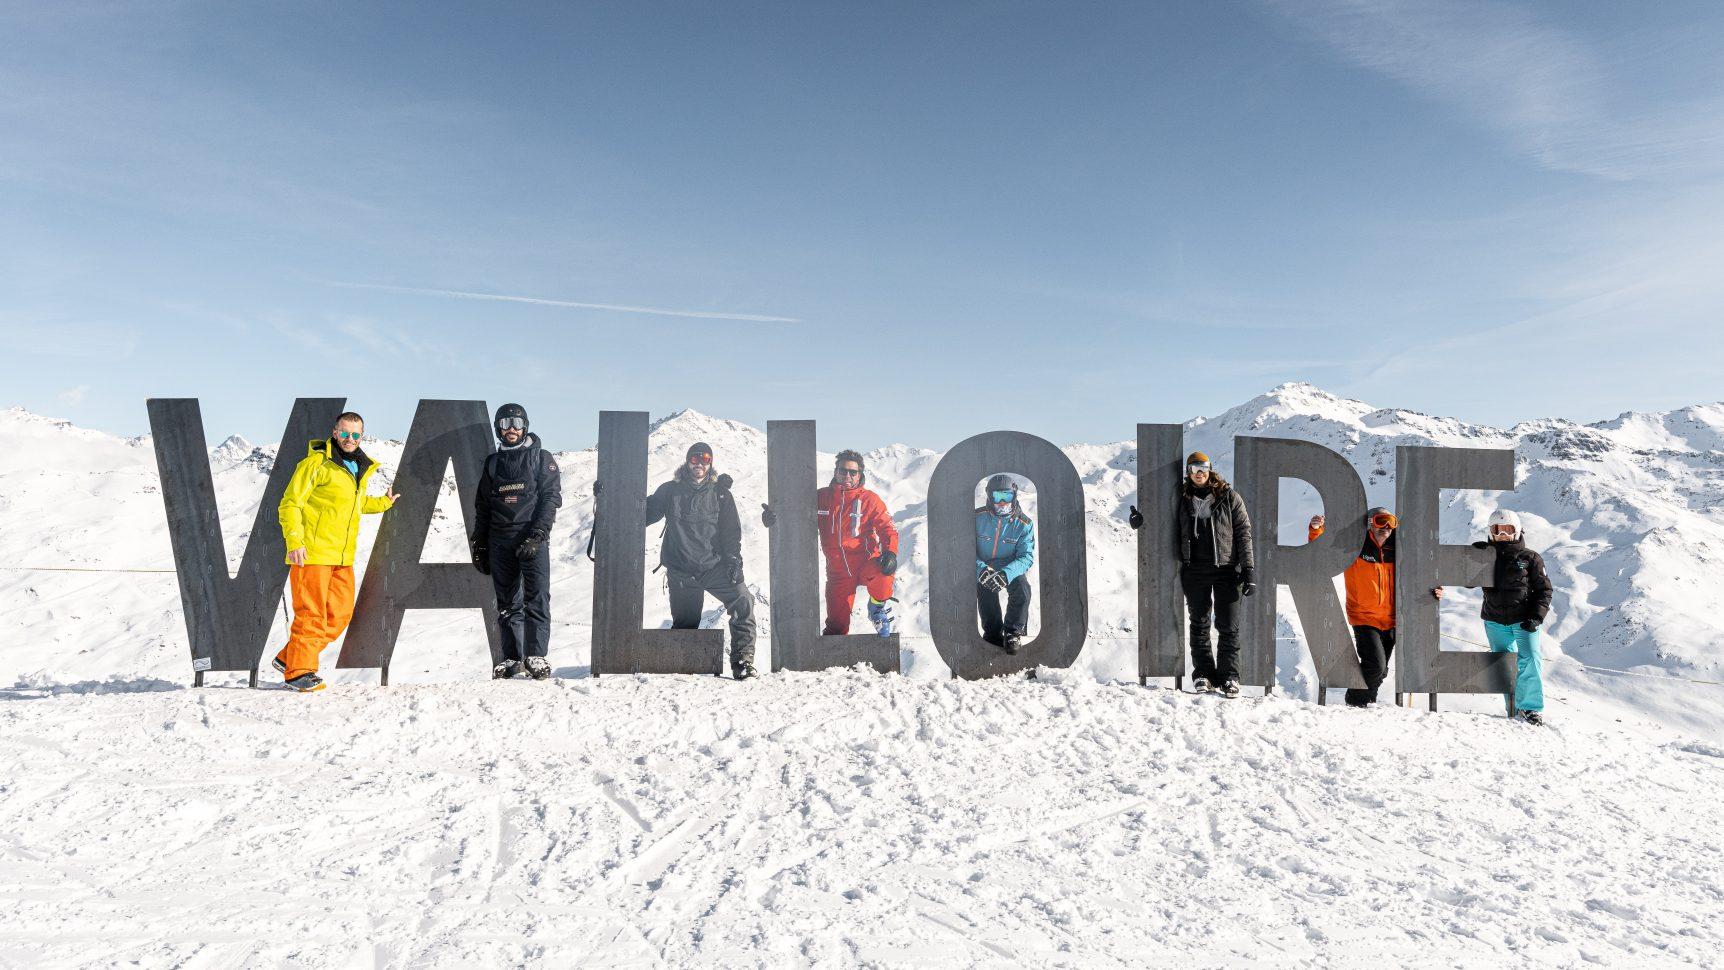 photo de groupe devant les lettres Valloire